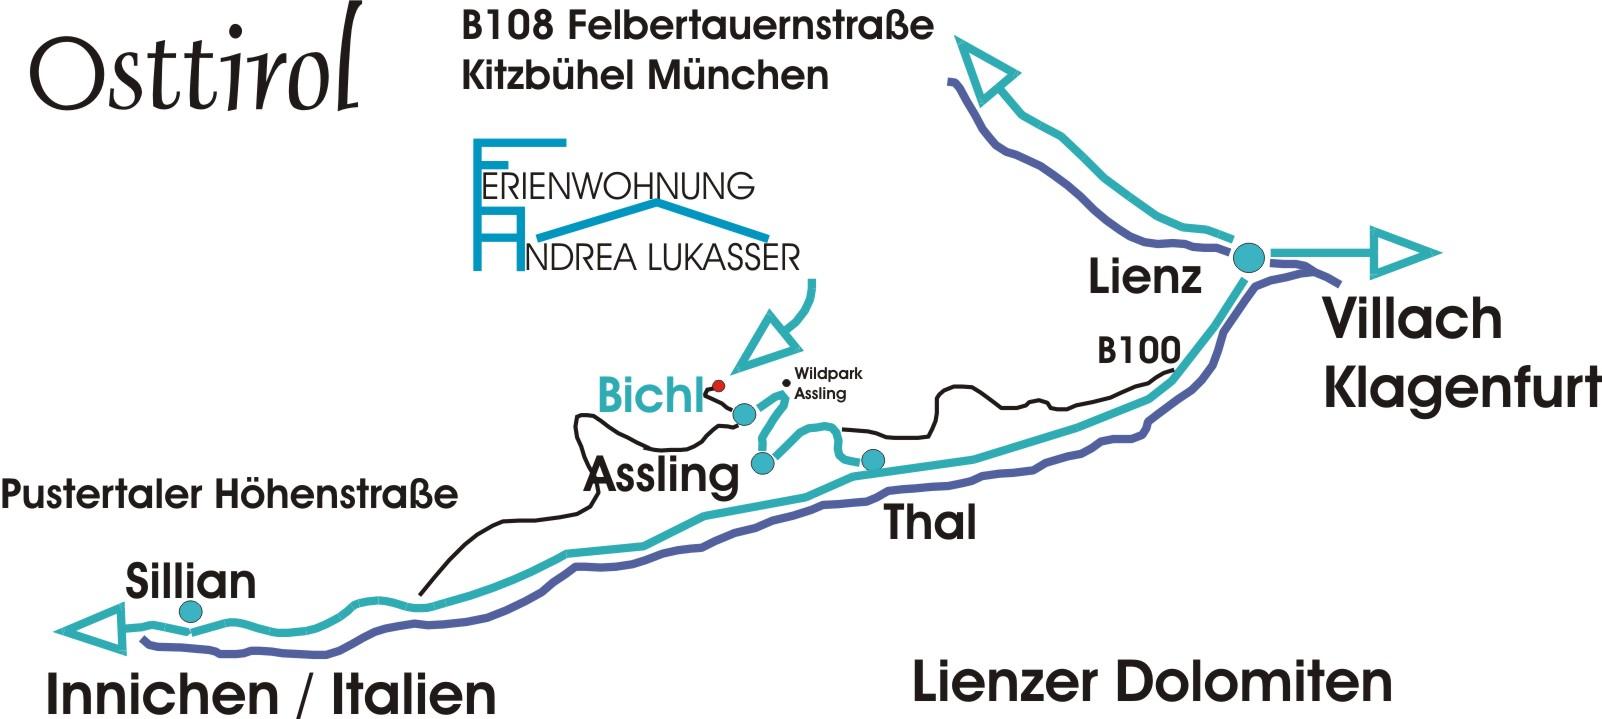 Anreise Ferienwohnung Andrea Lukasser Assling Bichl